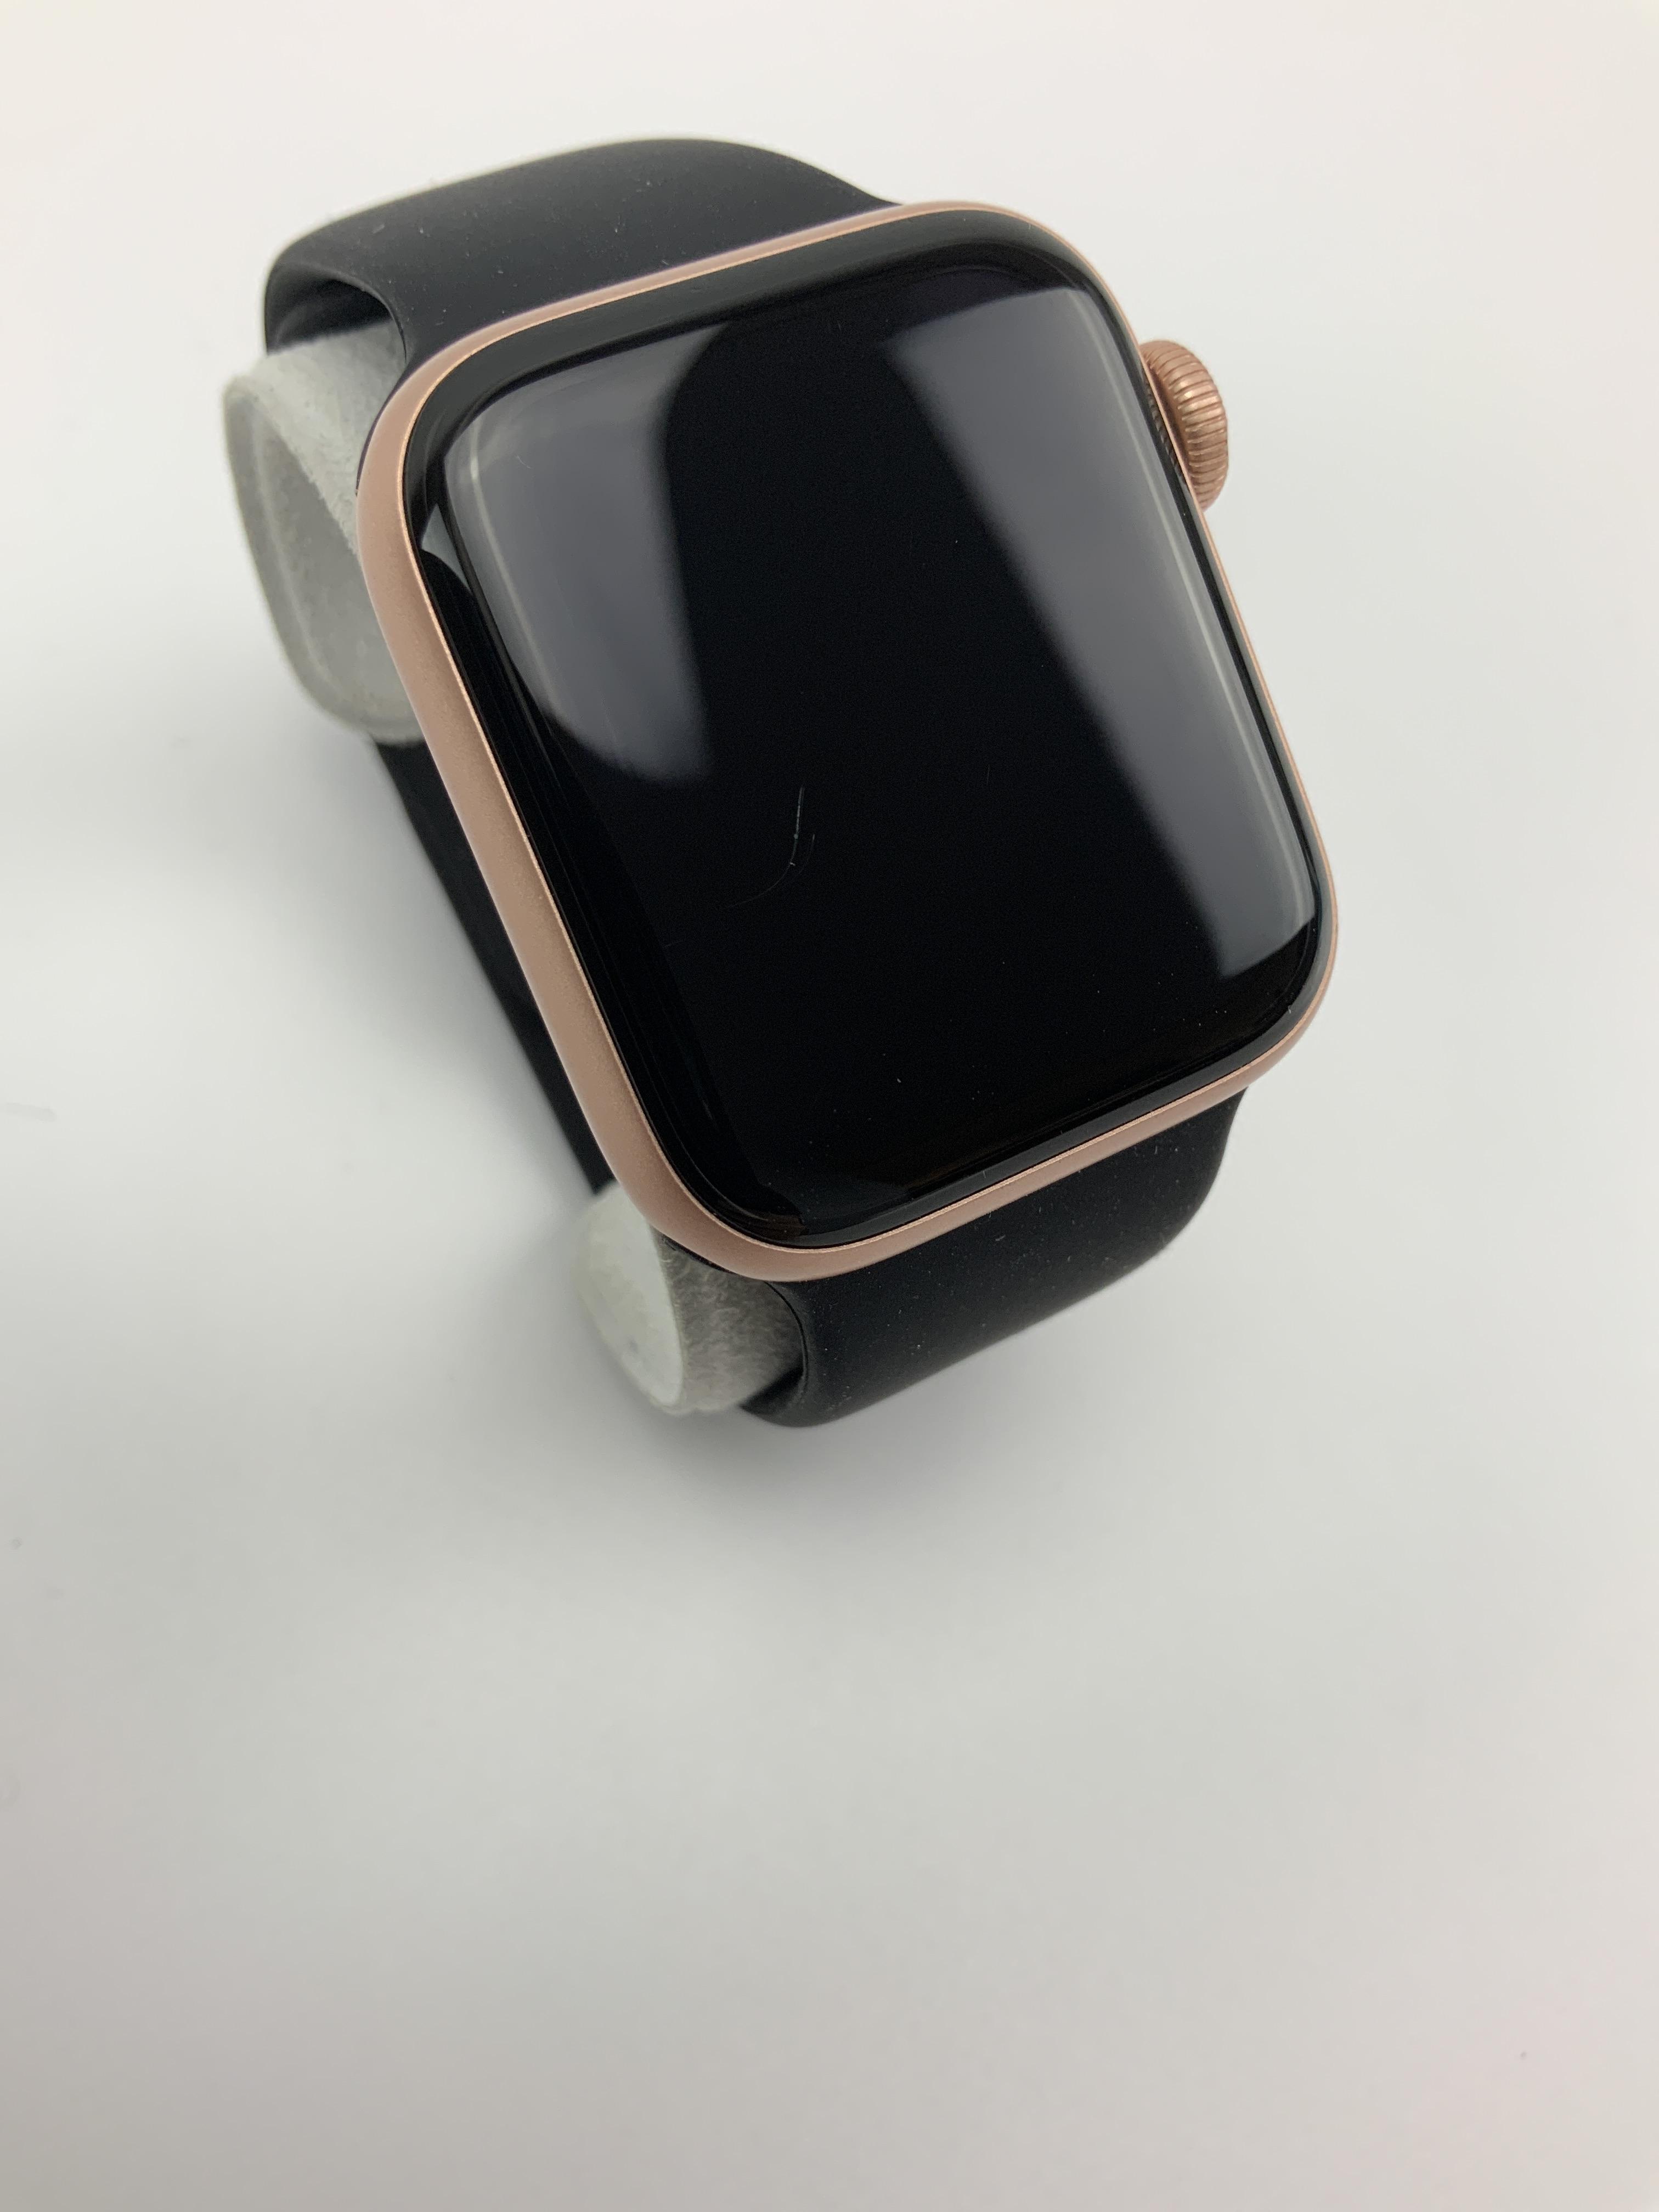 Watch Series 5 Aluminum Cellular (40mm), Gold, imagen 2